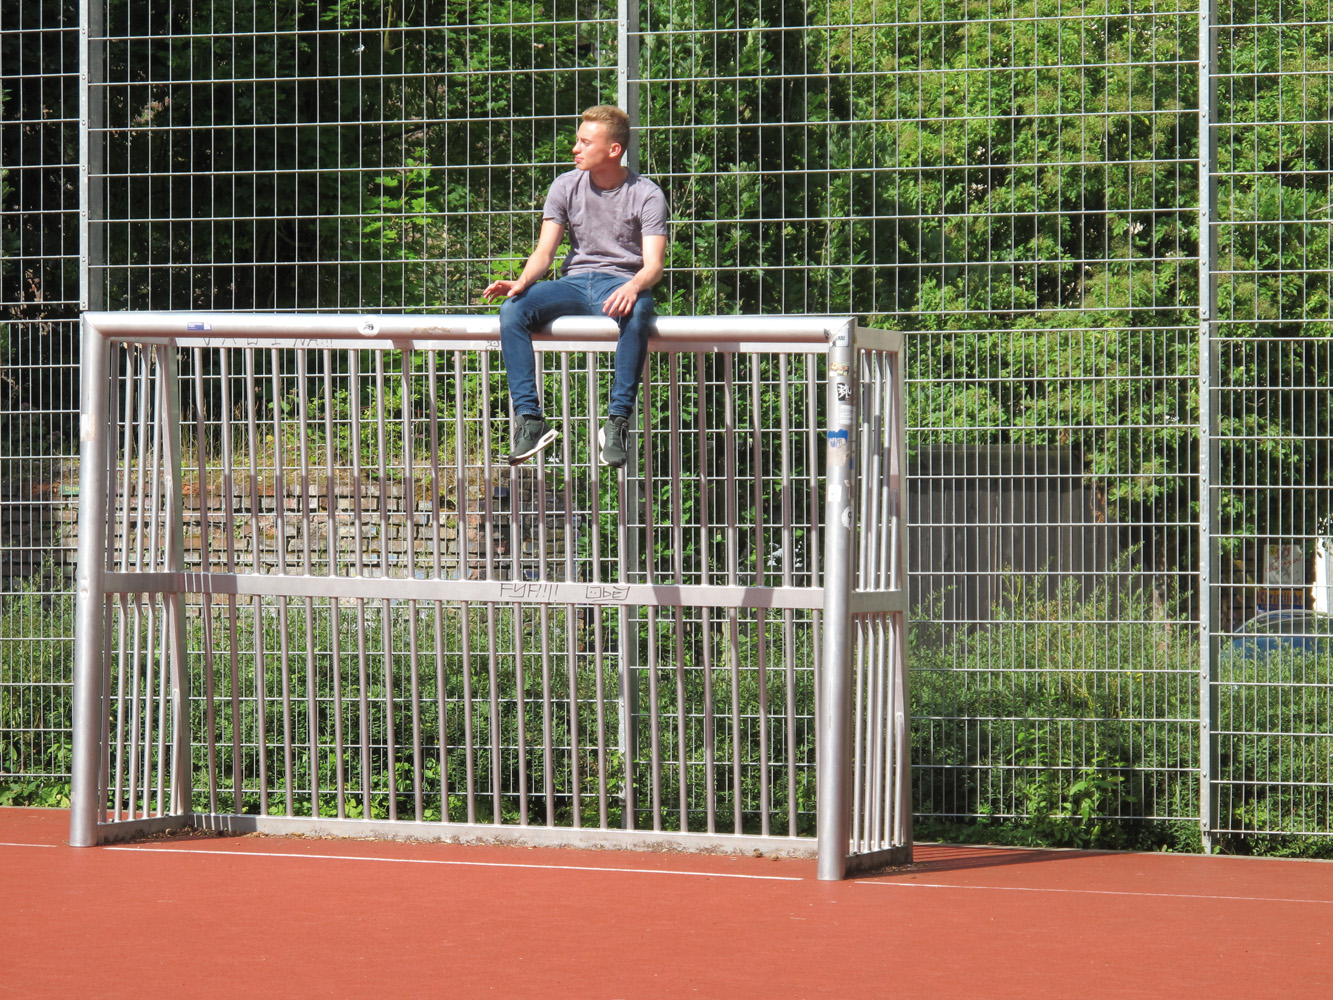 frankenbergerpark